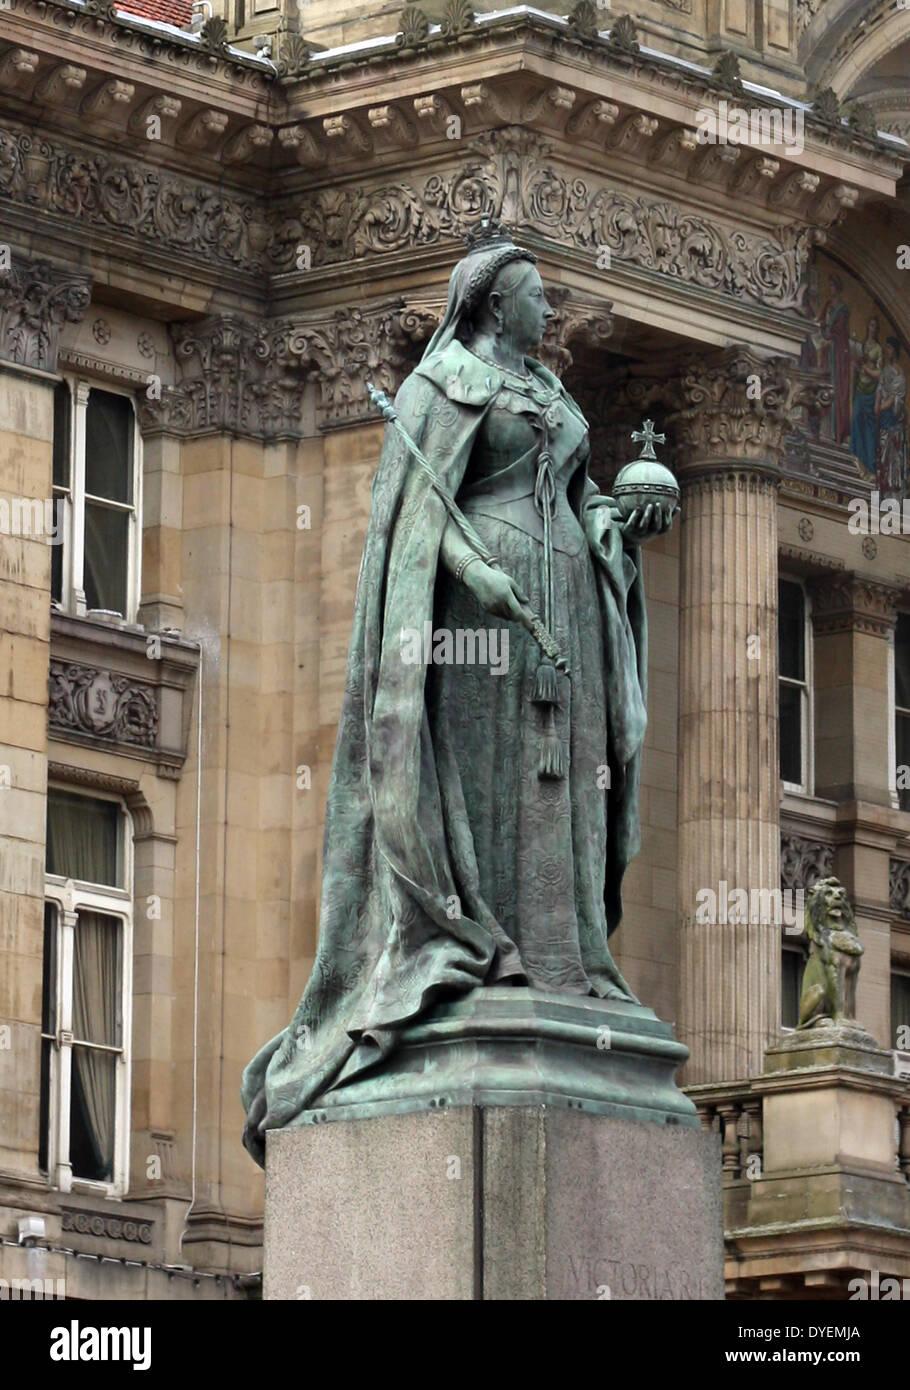 Statue of Queen Victoria, Victoria Square, England. - Stock Image